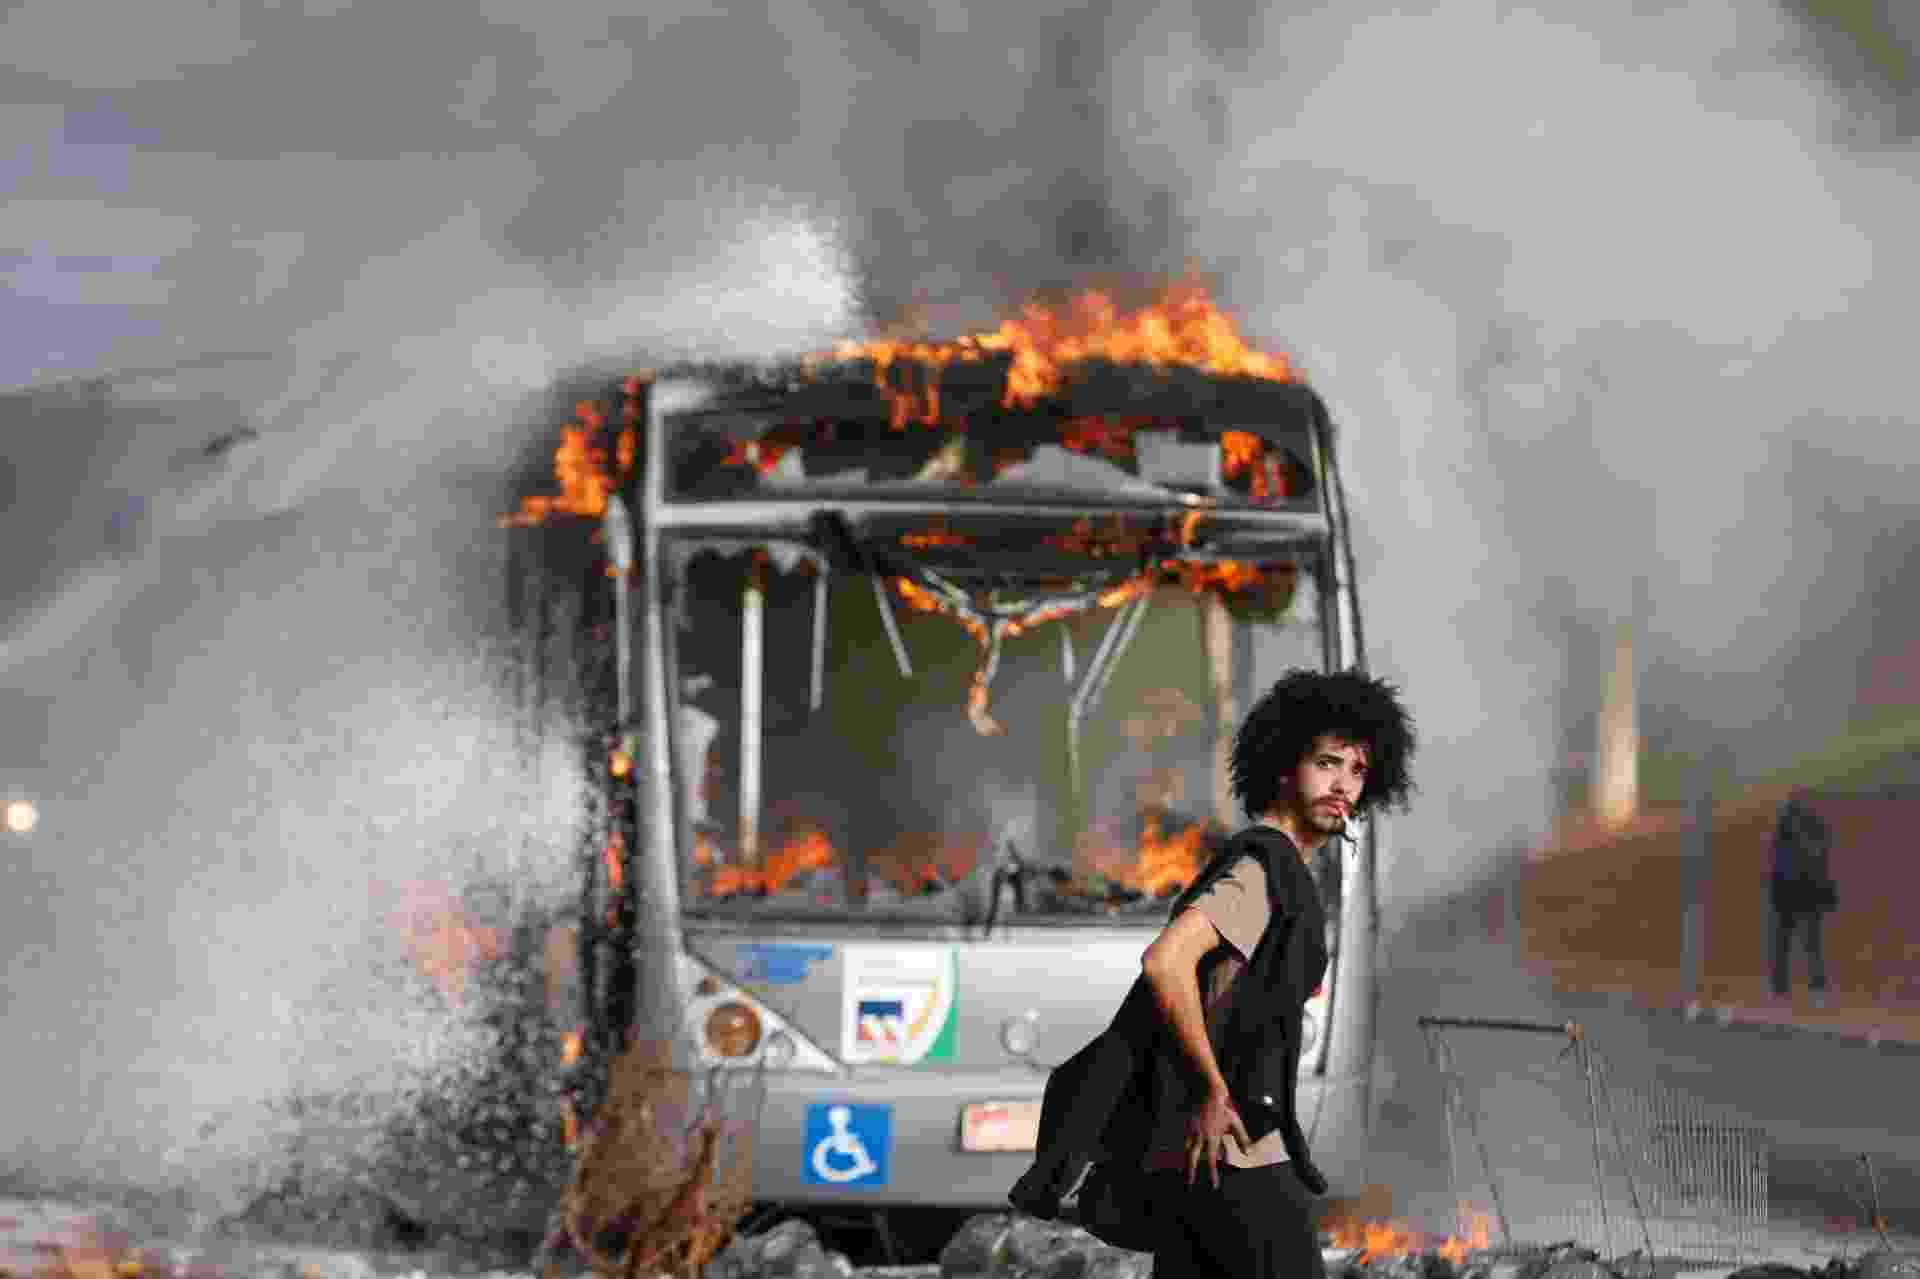 13.dez.2016 - Jovem passa diante de ônibus incendiado durante protesto na Esplanada dos Ministérios, em Brasília, contra a PEC 55, que prevê um teto de gastos para o governo federal durante 20 anos - Pedro Ladeira/Folhapress